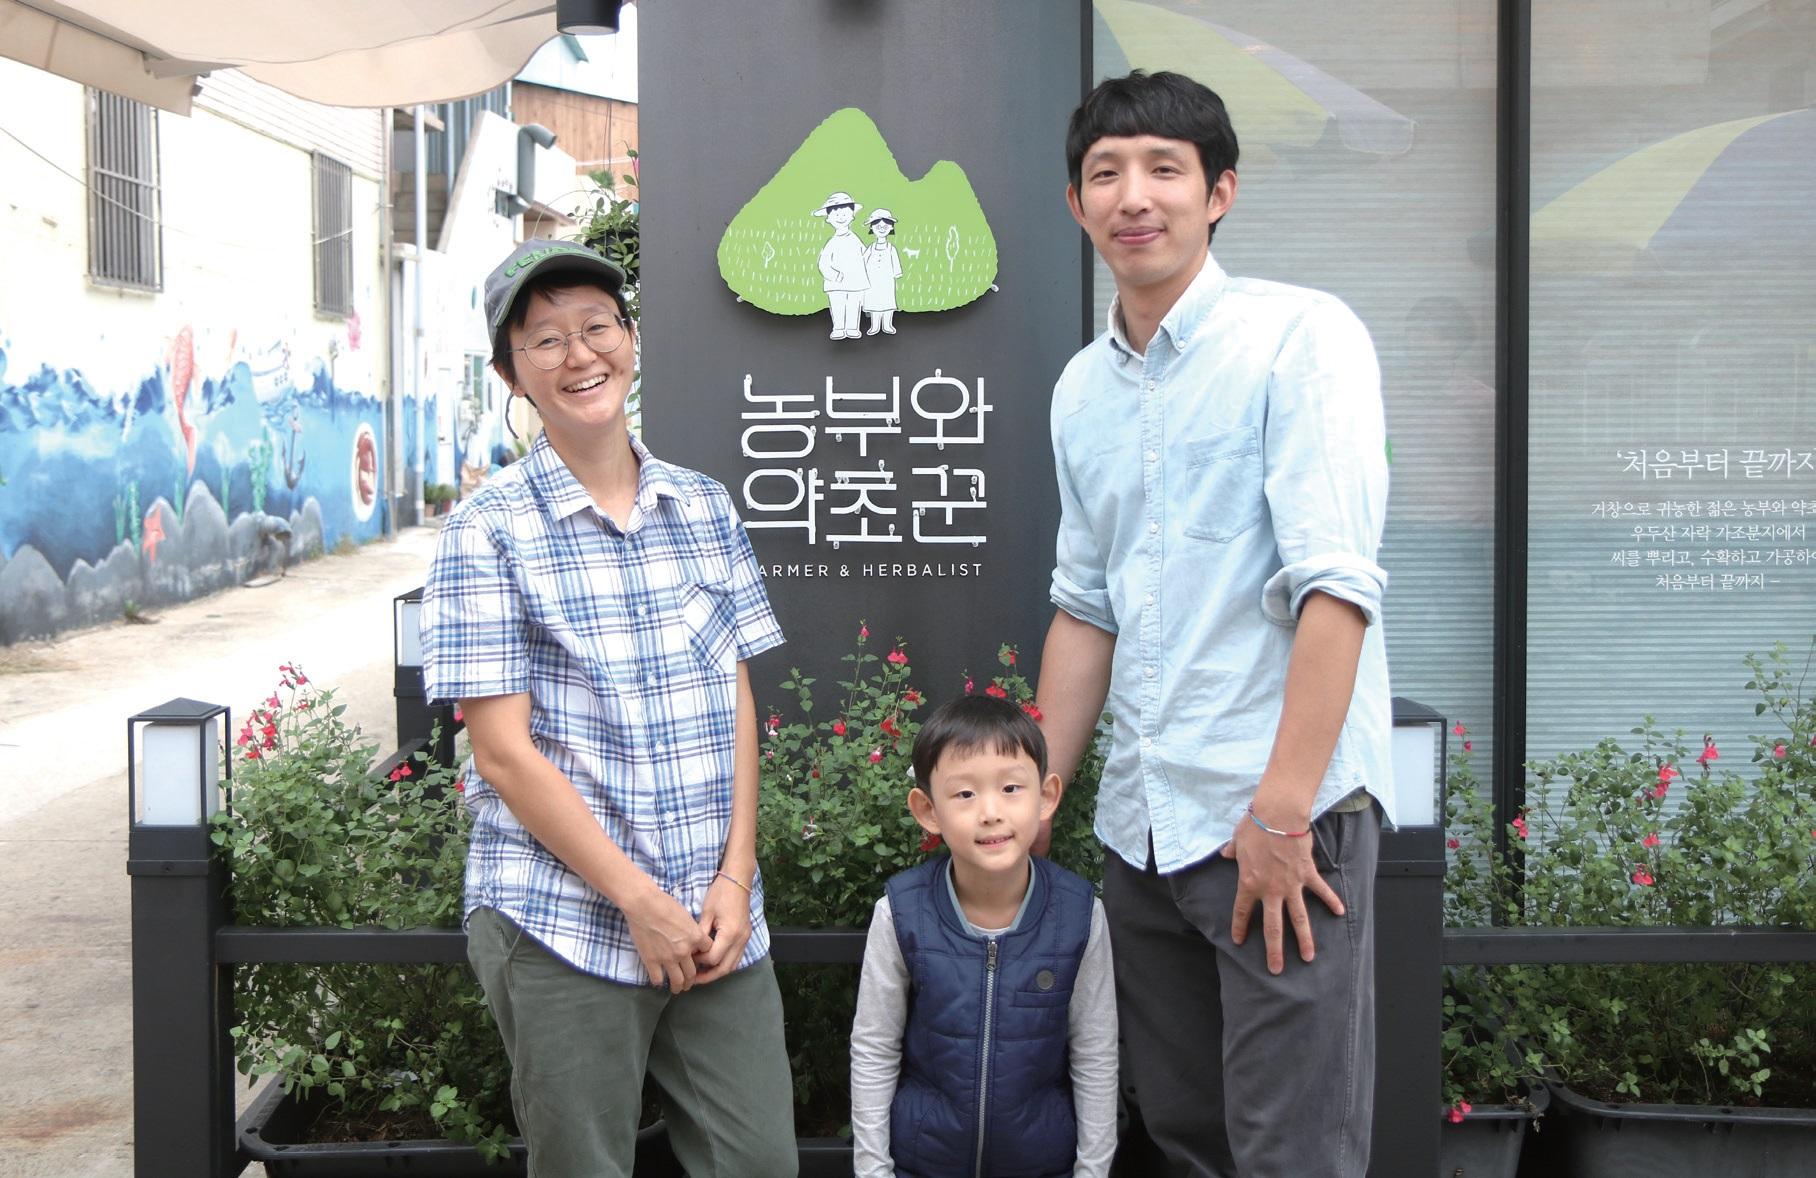 이진우․박효정 부부는 무농약 친환경 농법으로 땅두릅(독활), 우슬, 자소엽 등의 약초를 재배하고 있다.